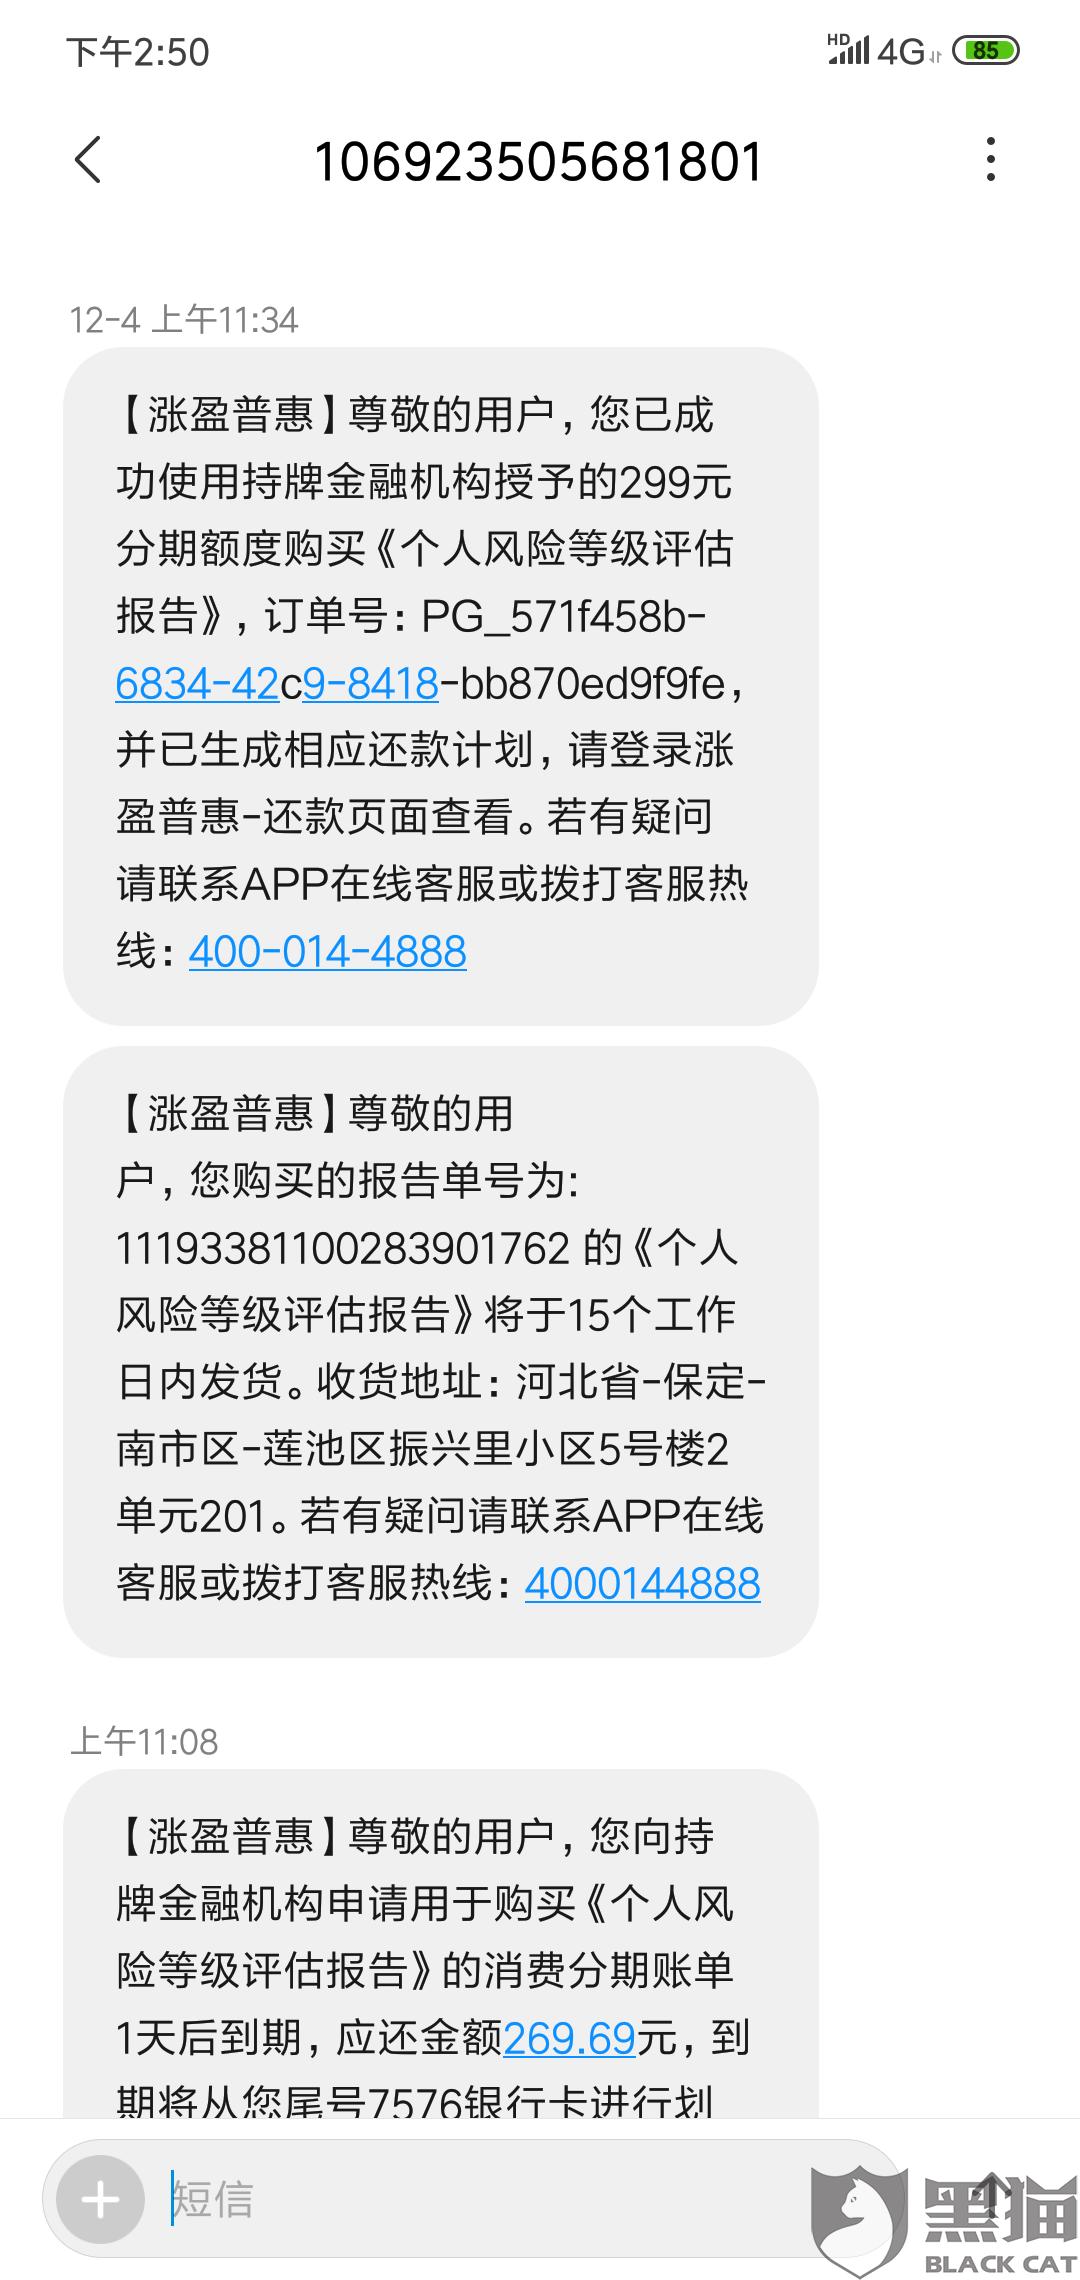 黑猫投诉:上海造艺网络科技有限公司旗下金融产品涨盈普惠app